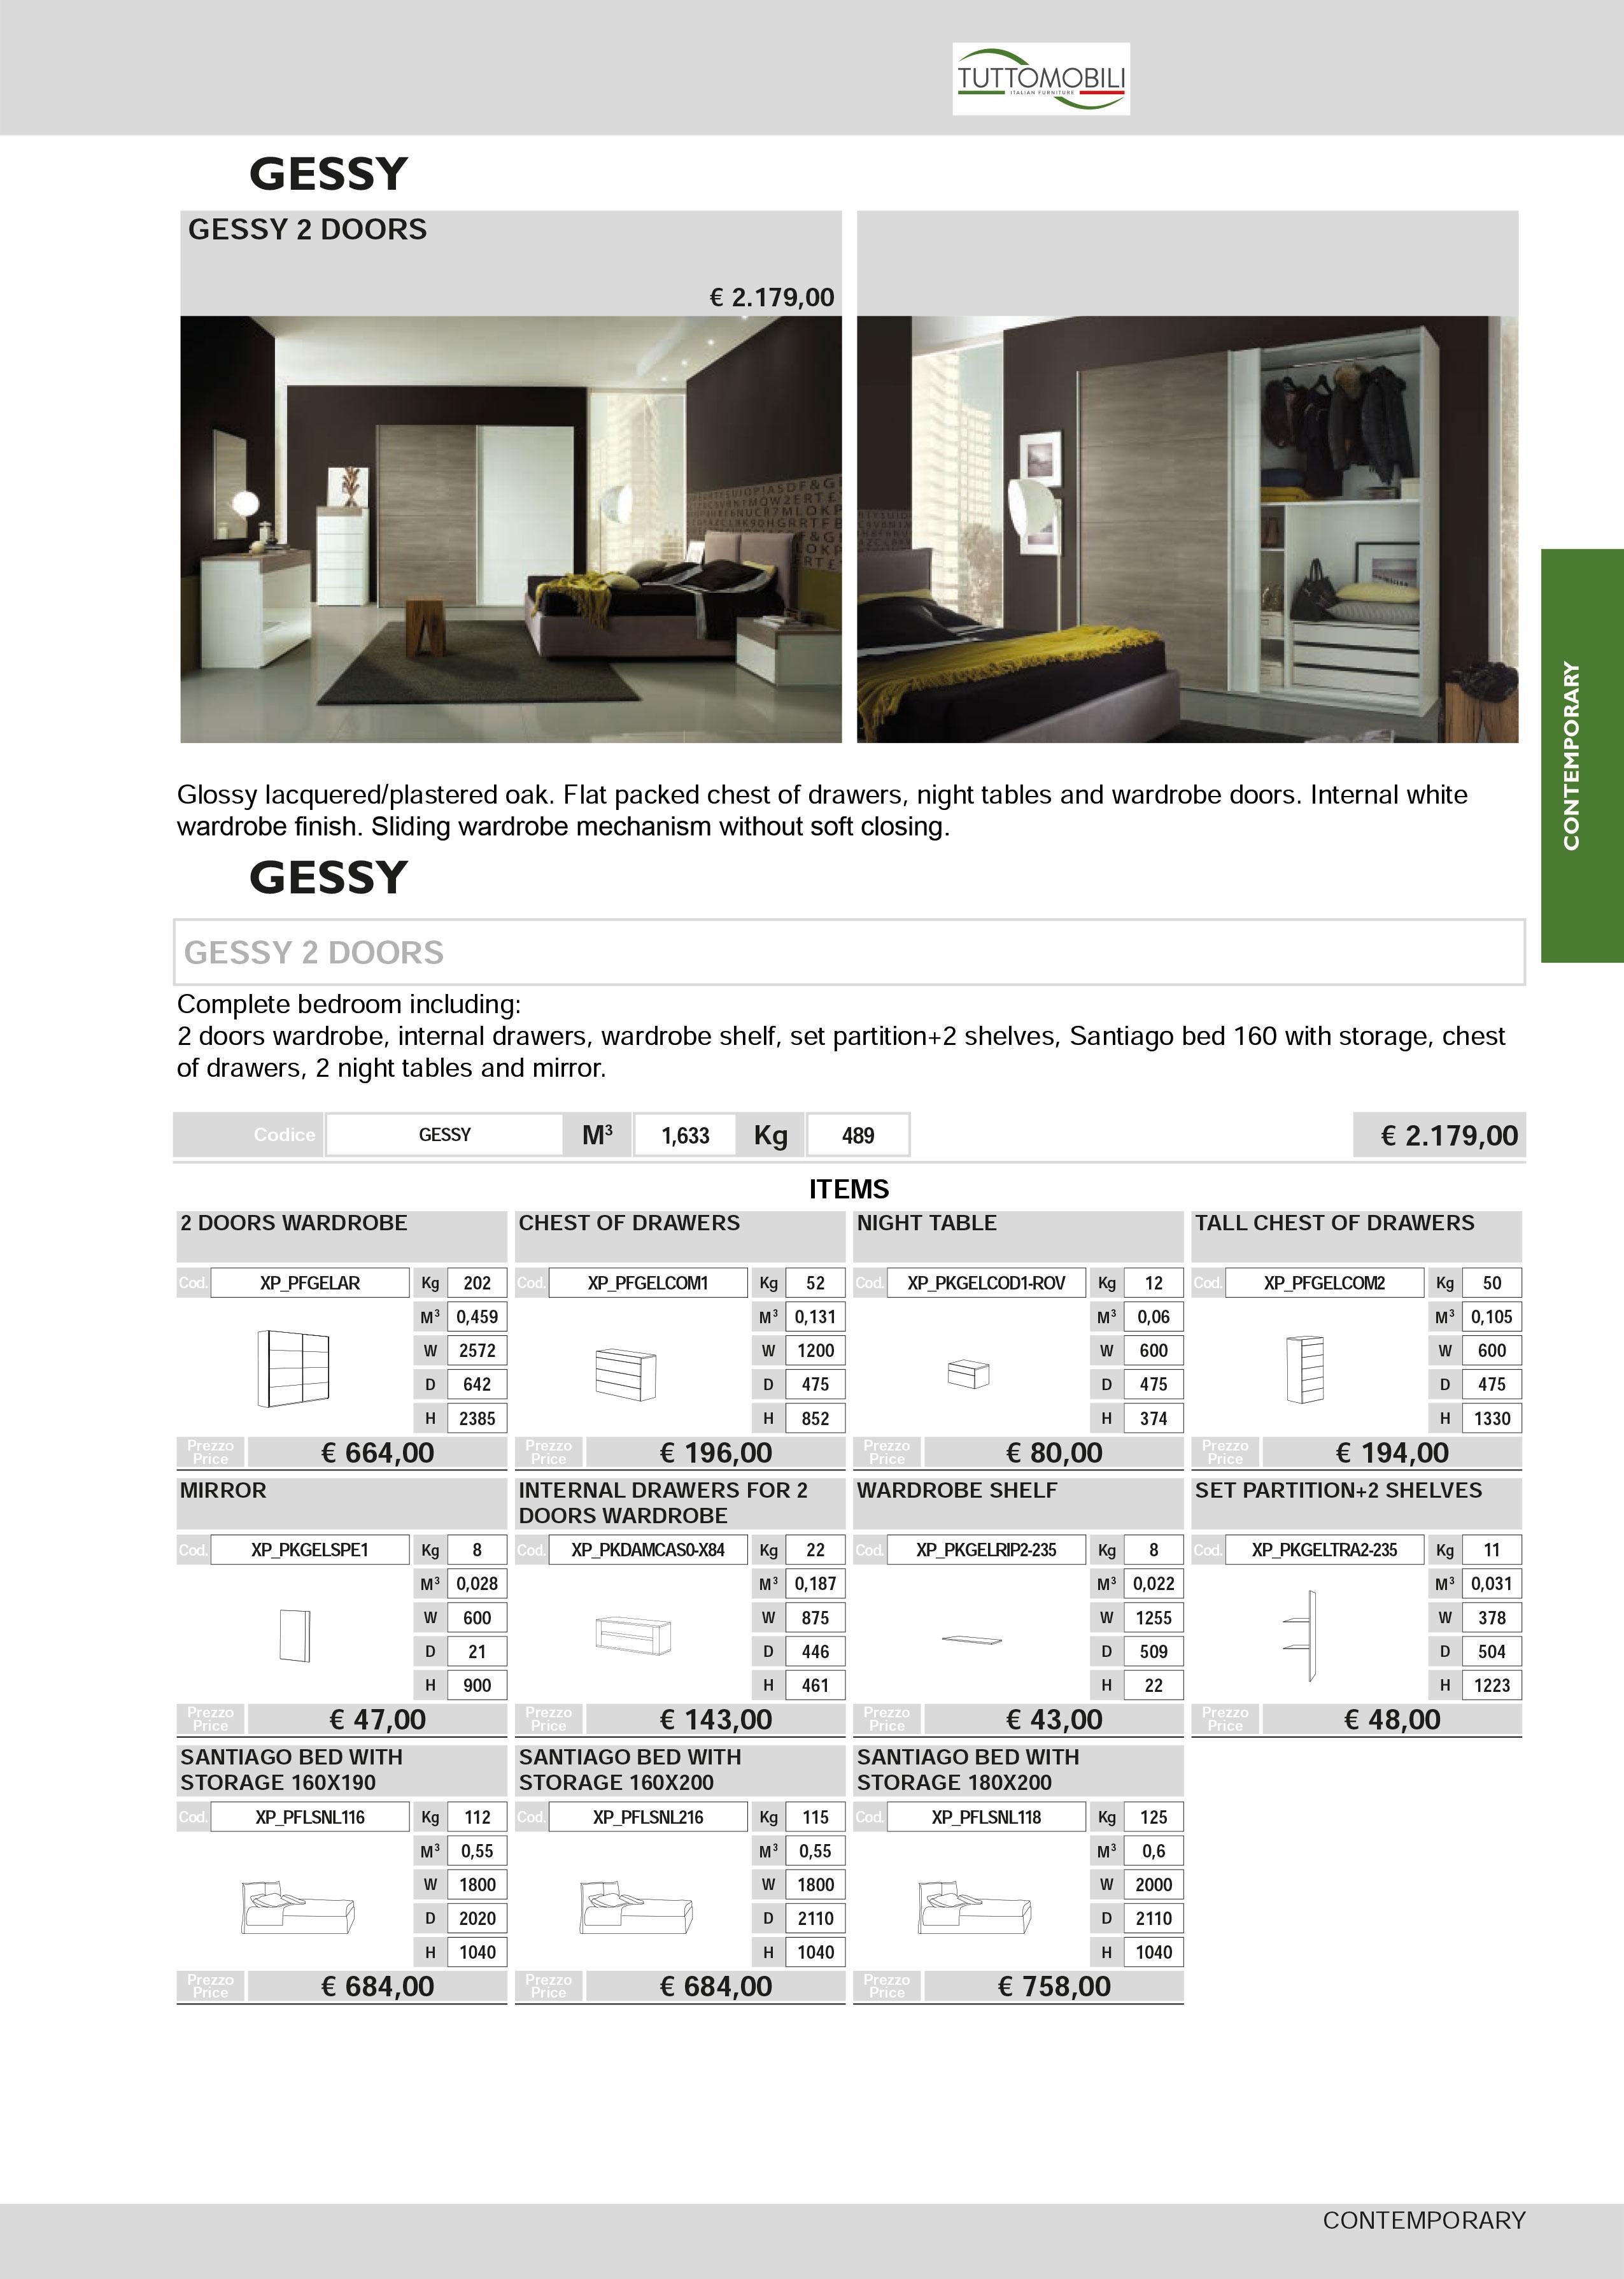 gessy-schlafzimmer-preis